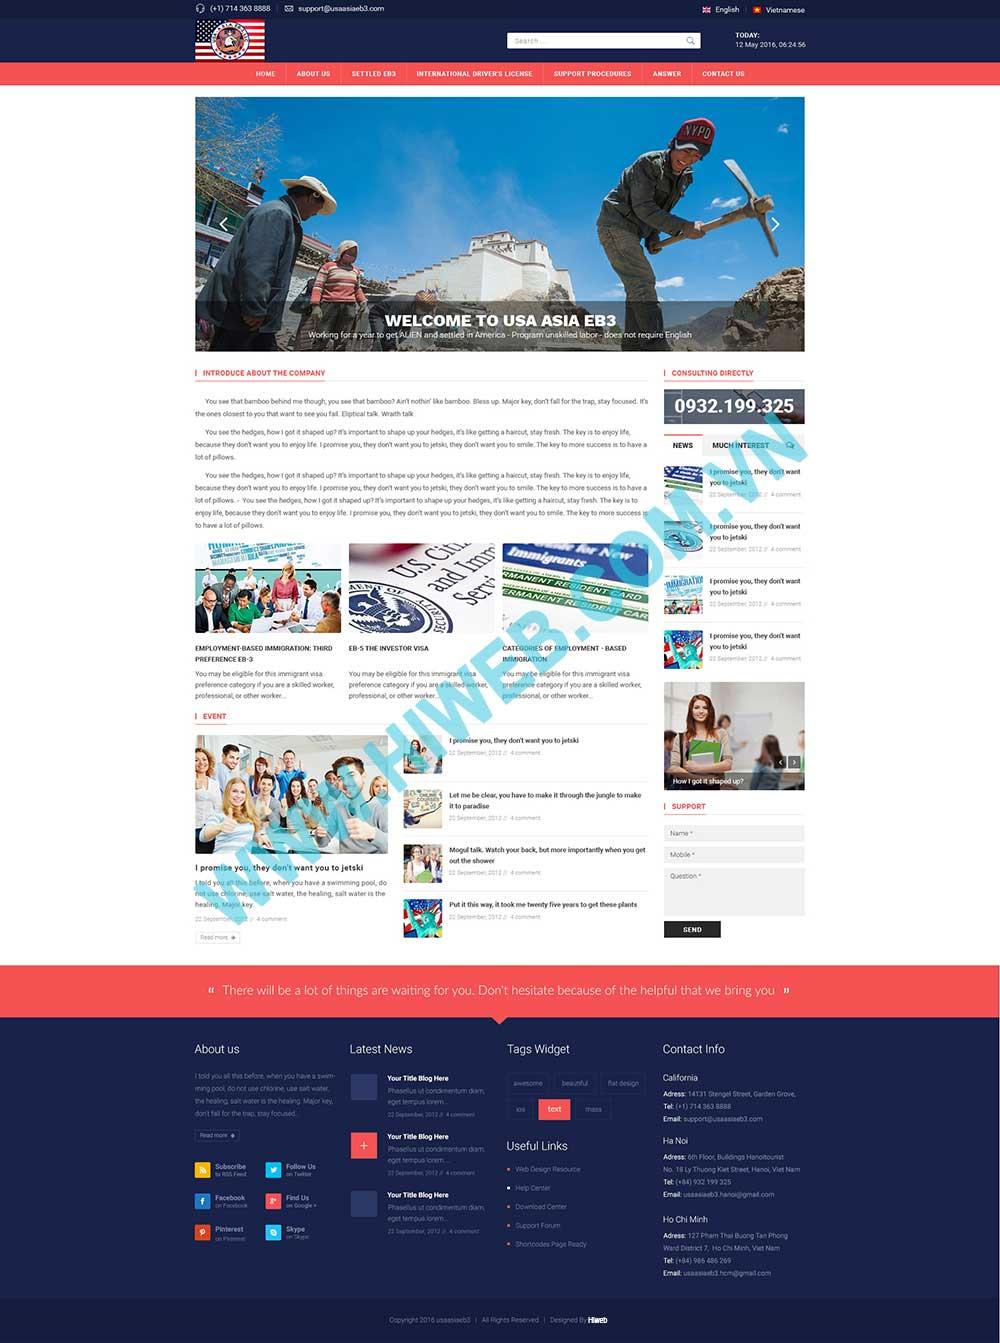 Mẫu website giới thiệu ngôn ngữ tiếng Anh